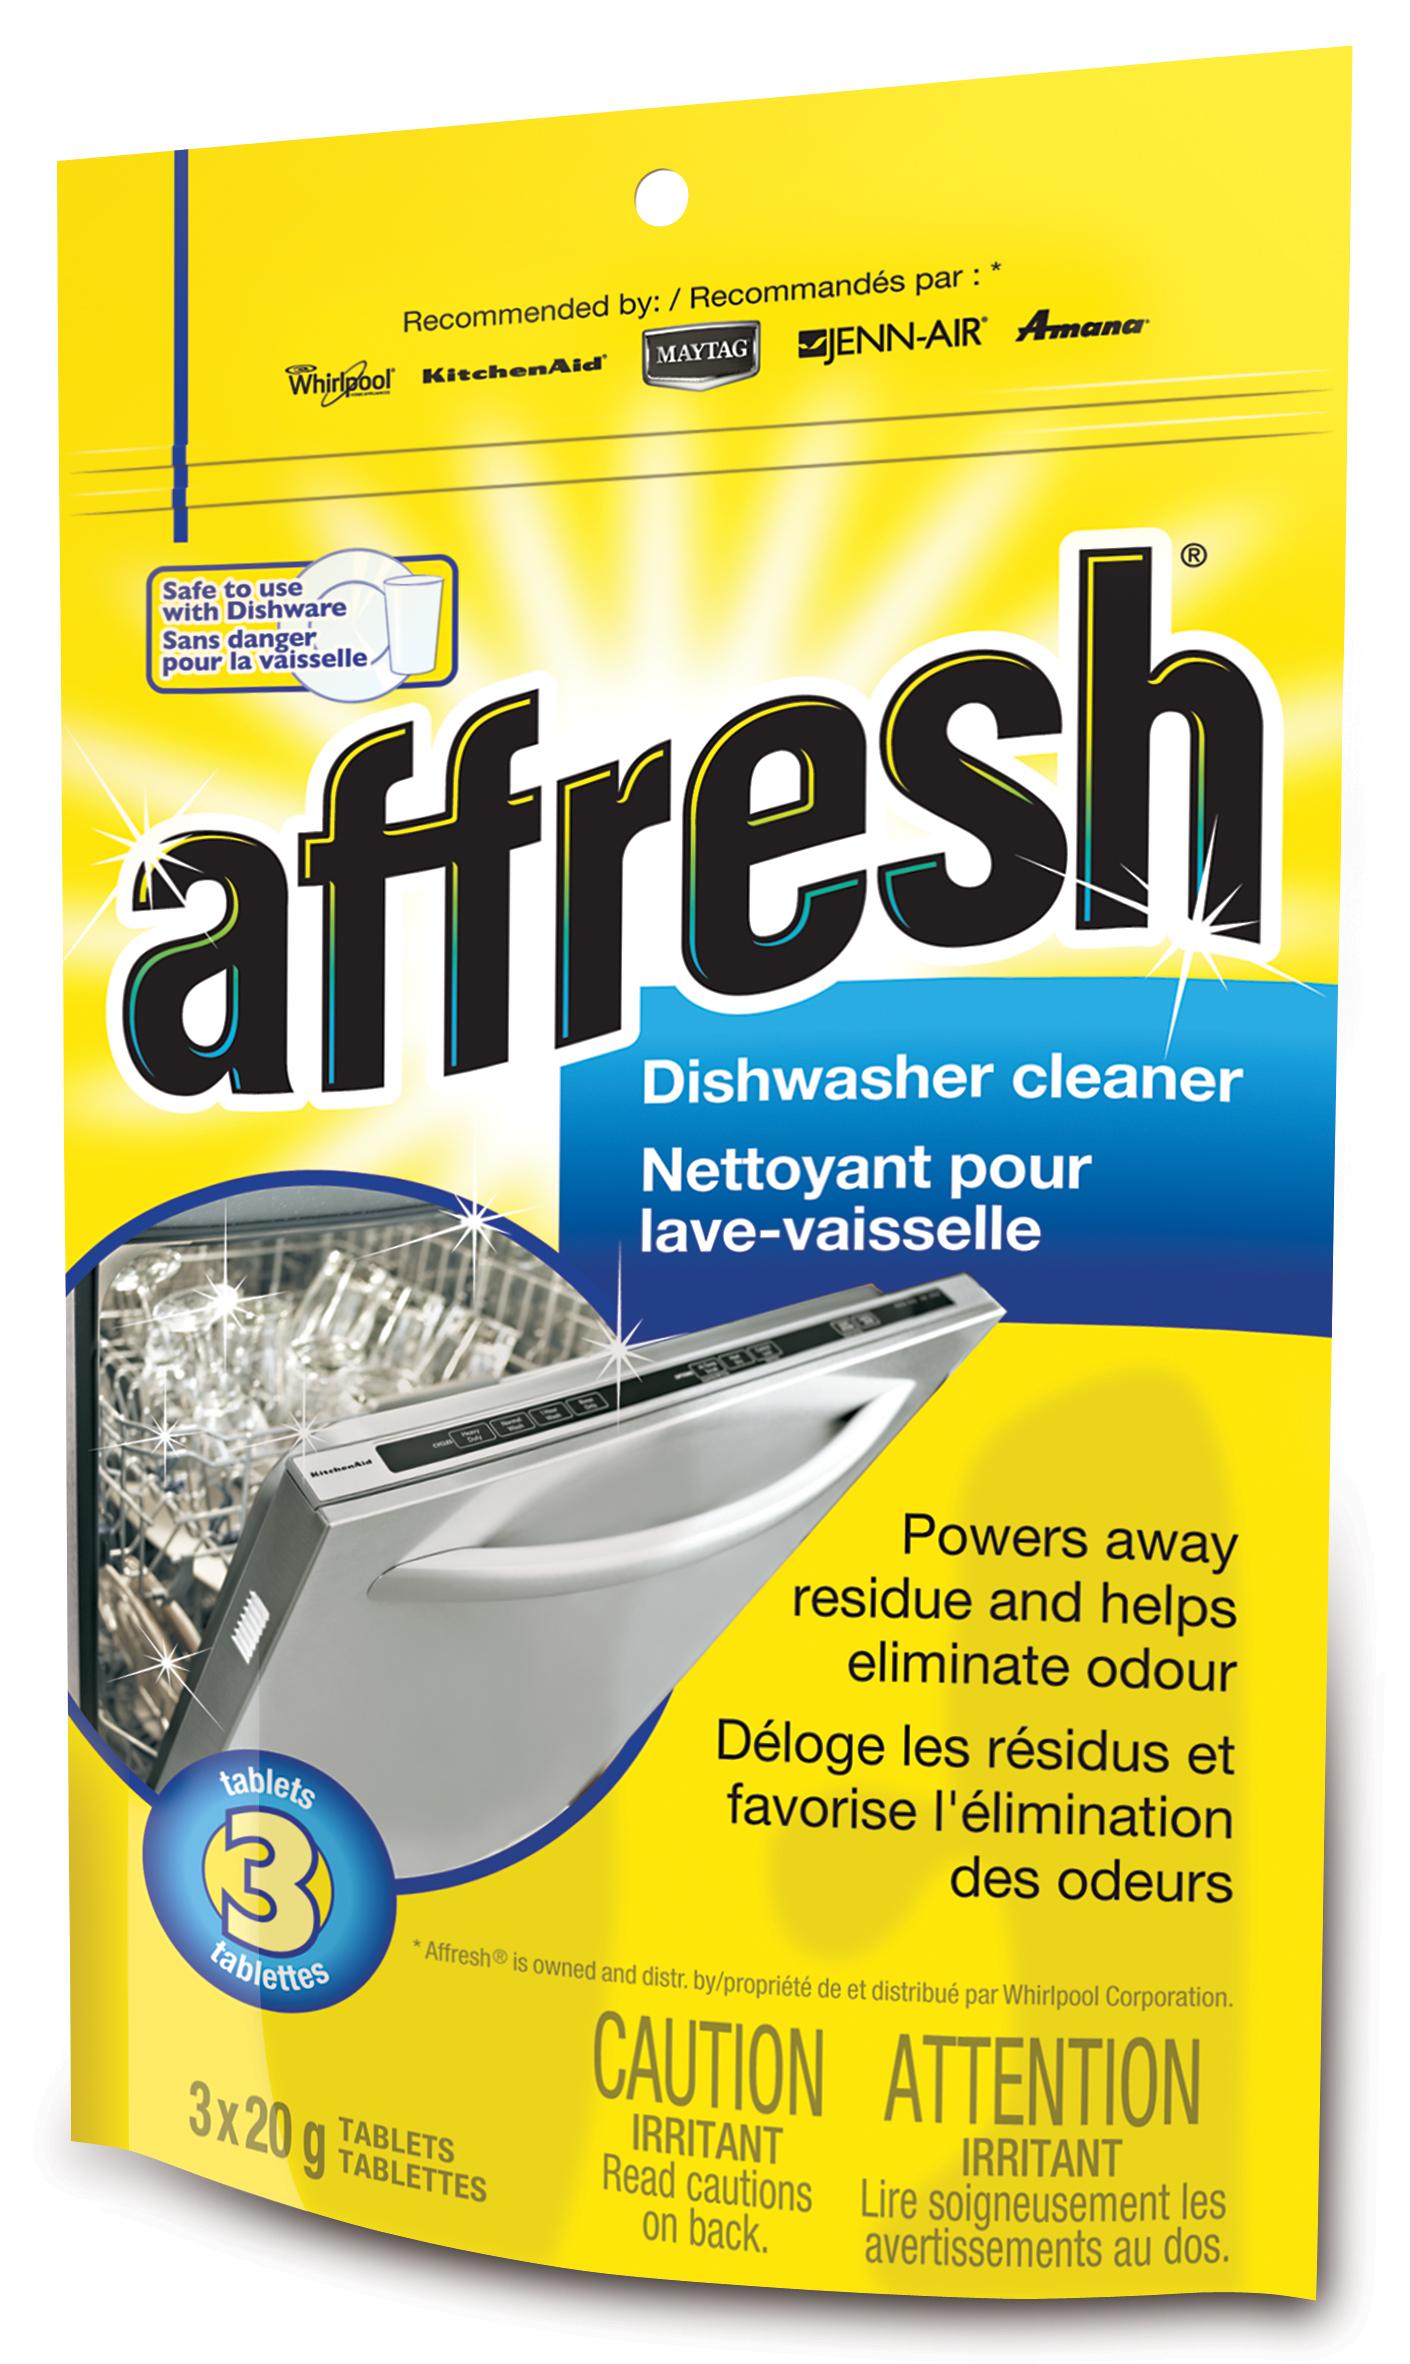 Peinture Pour Lave Vaisselle pourquoi faut-il nettoyer son lave-vaisselle? | madame